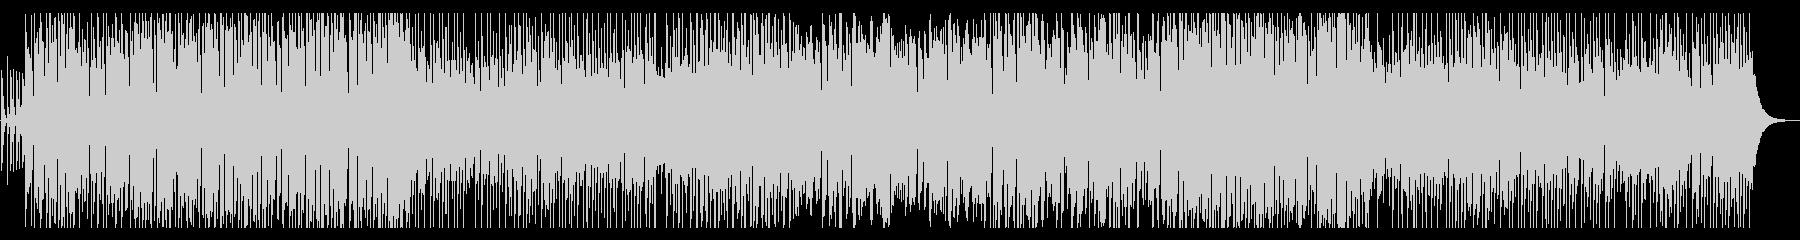 クール、シーケンス、Oberheimの未再生の波形